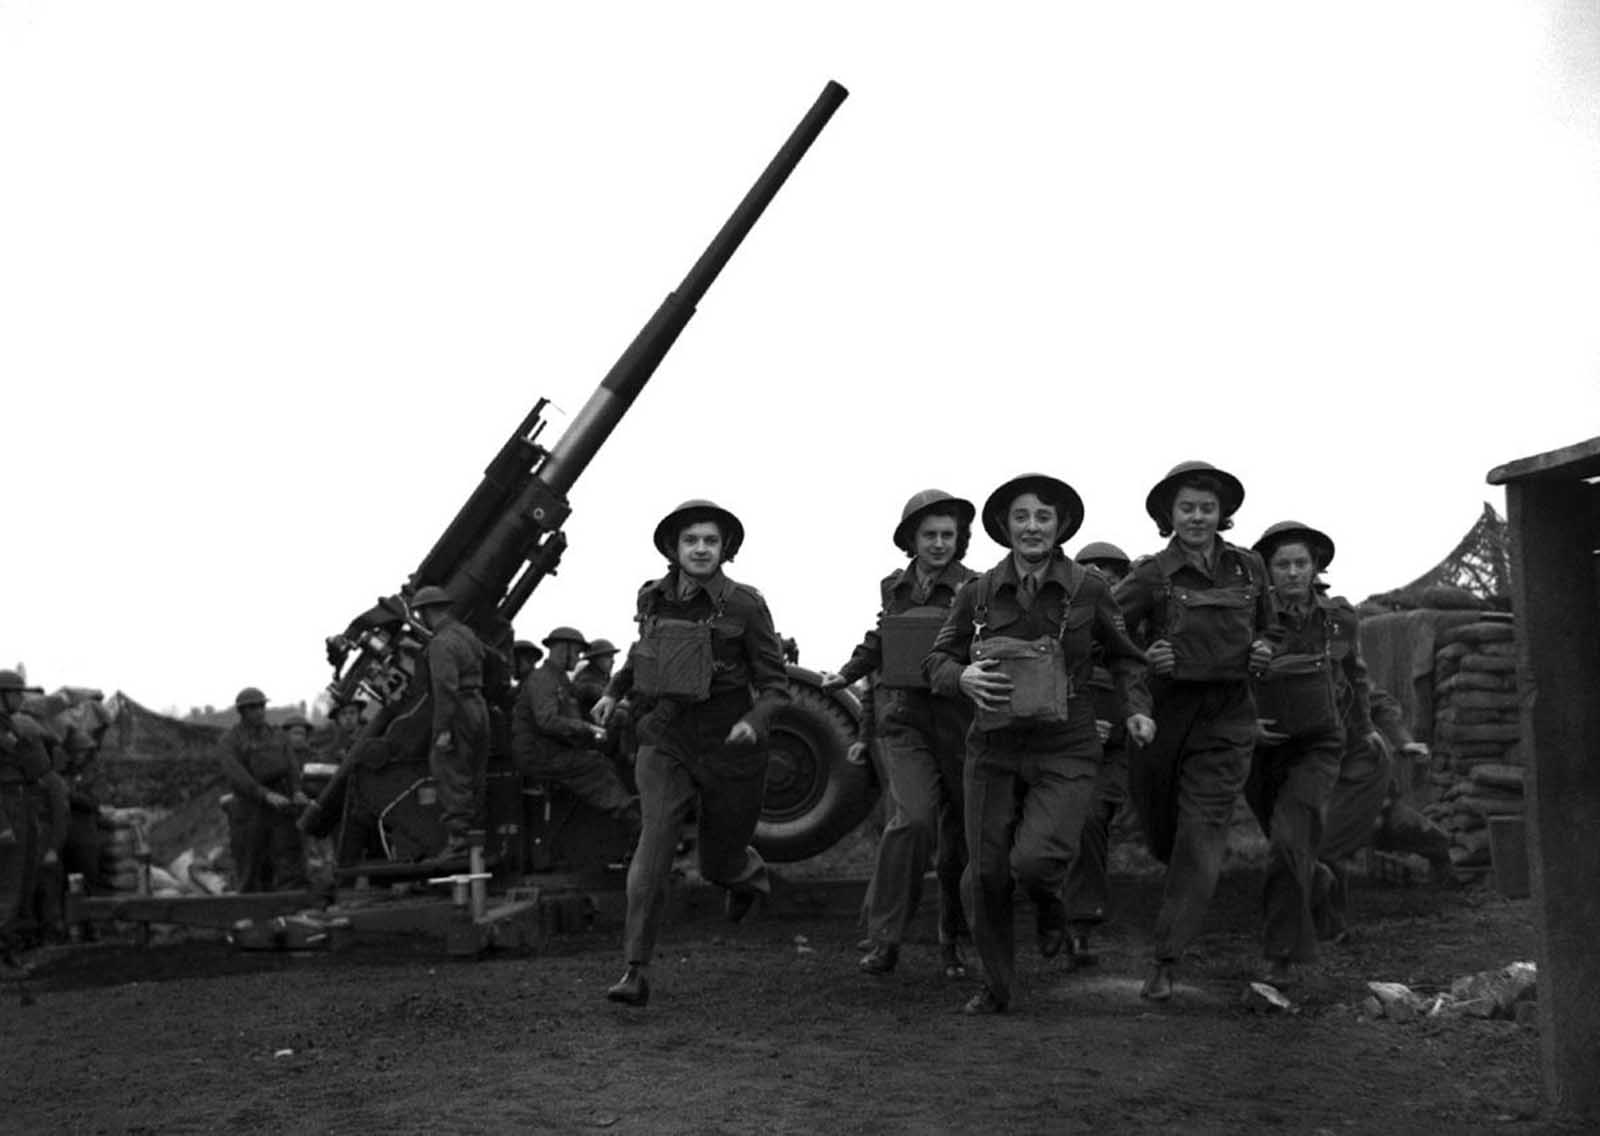 """20 май 1941 г., Лондон: В името на страната си във войната се включват """"Ack-Ack Girls"""", отзовавайки се на всяка сирена и всяко нареждане."""